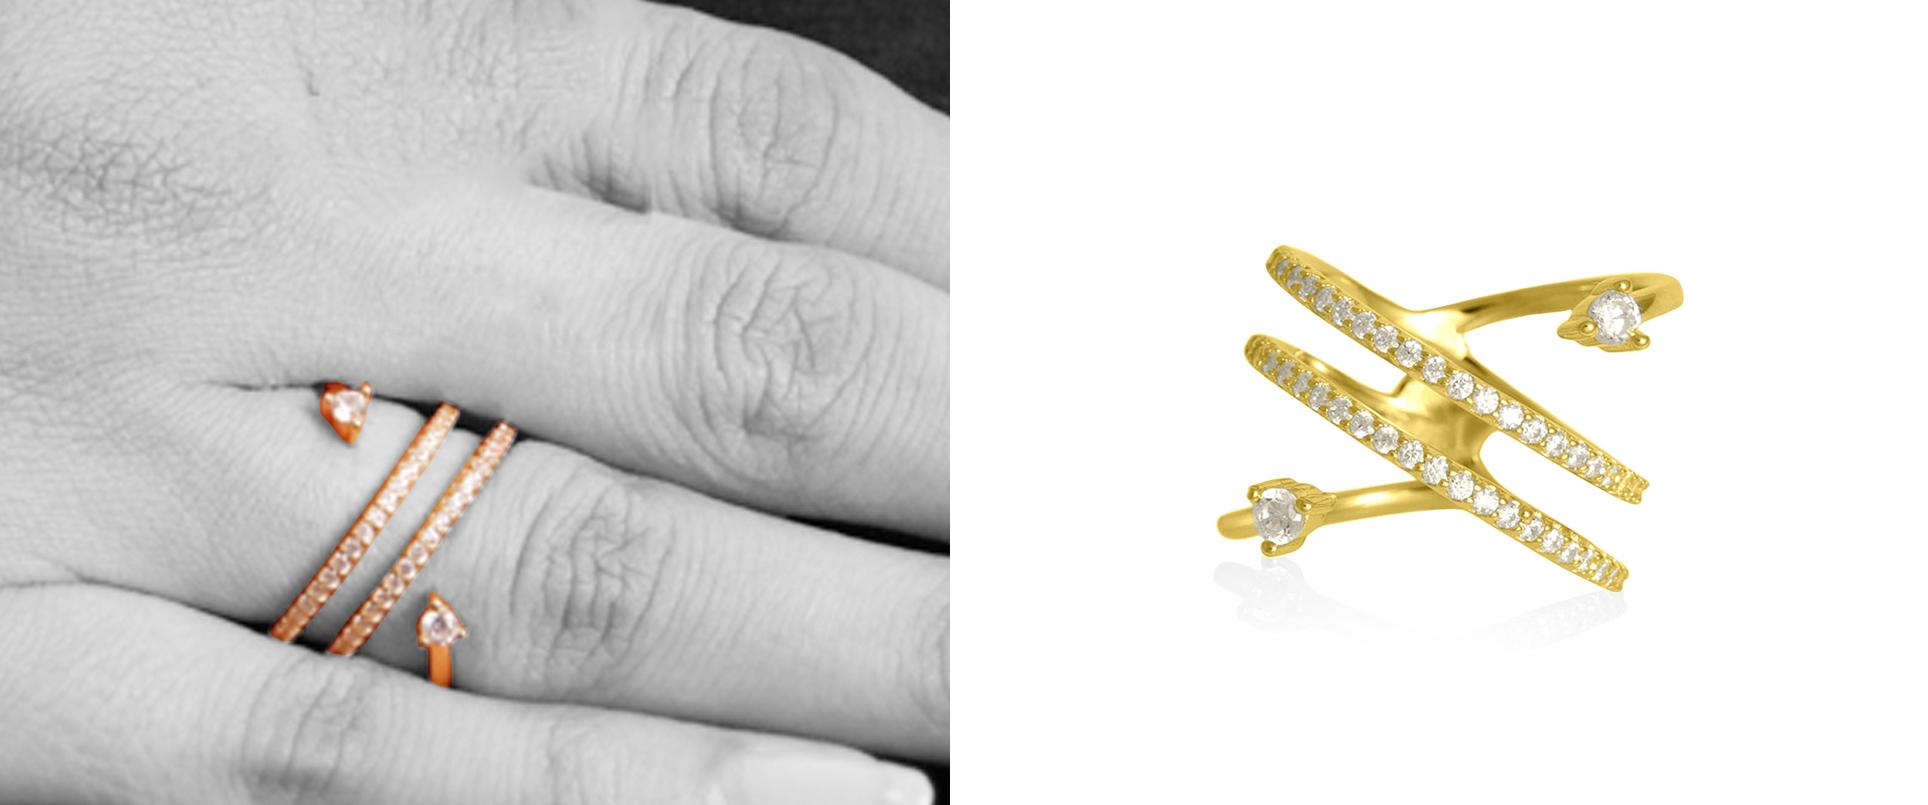 14K Gold 0.28 Ct. Genuine Diamond Brilliant Spiral Delicate Ring Fine Jewelry